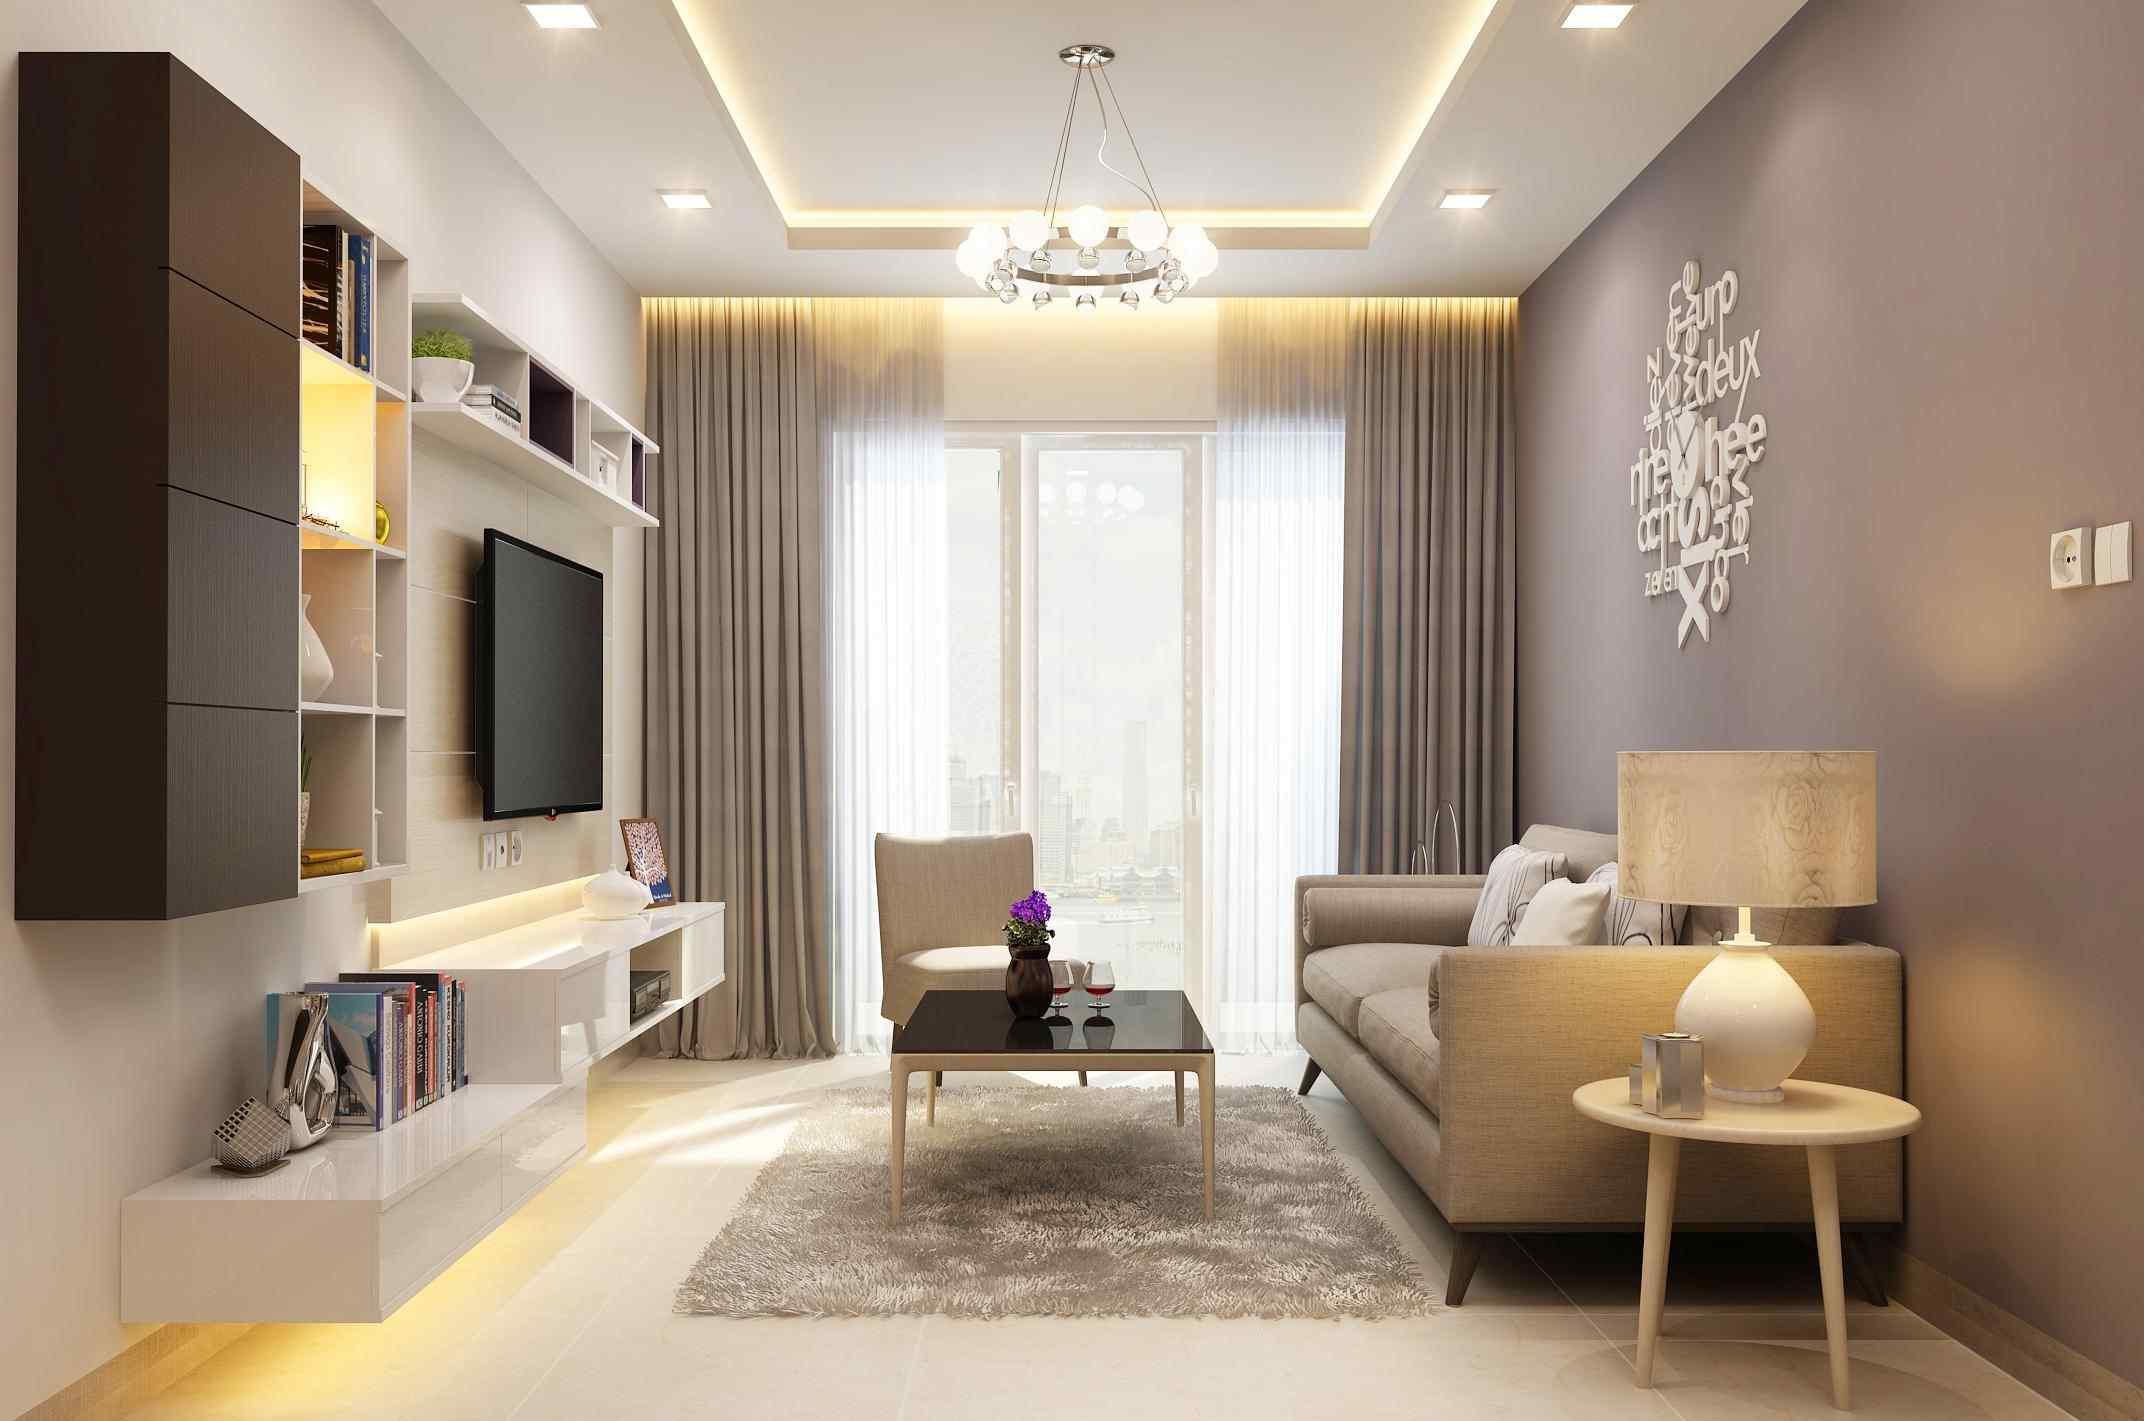 Khi chọn vải cho các vật dụng nội thất trong phòng khách, bạn hãy tìm một chất liệu vải pha trộn giữa tự nhiên và nhân tạo